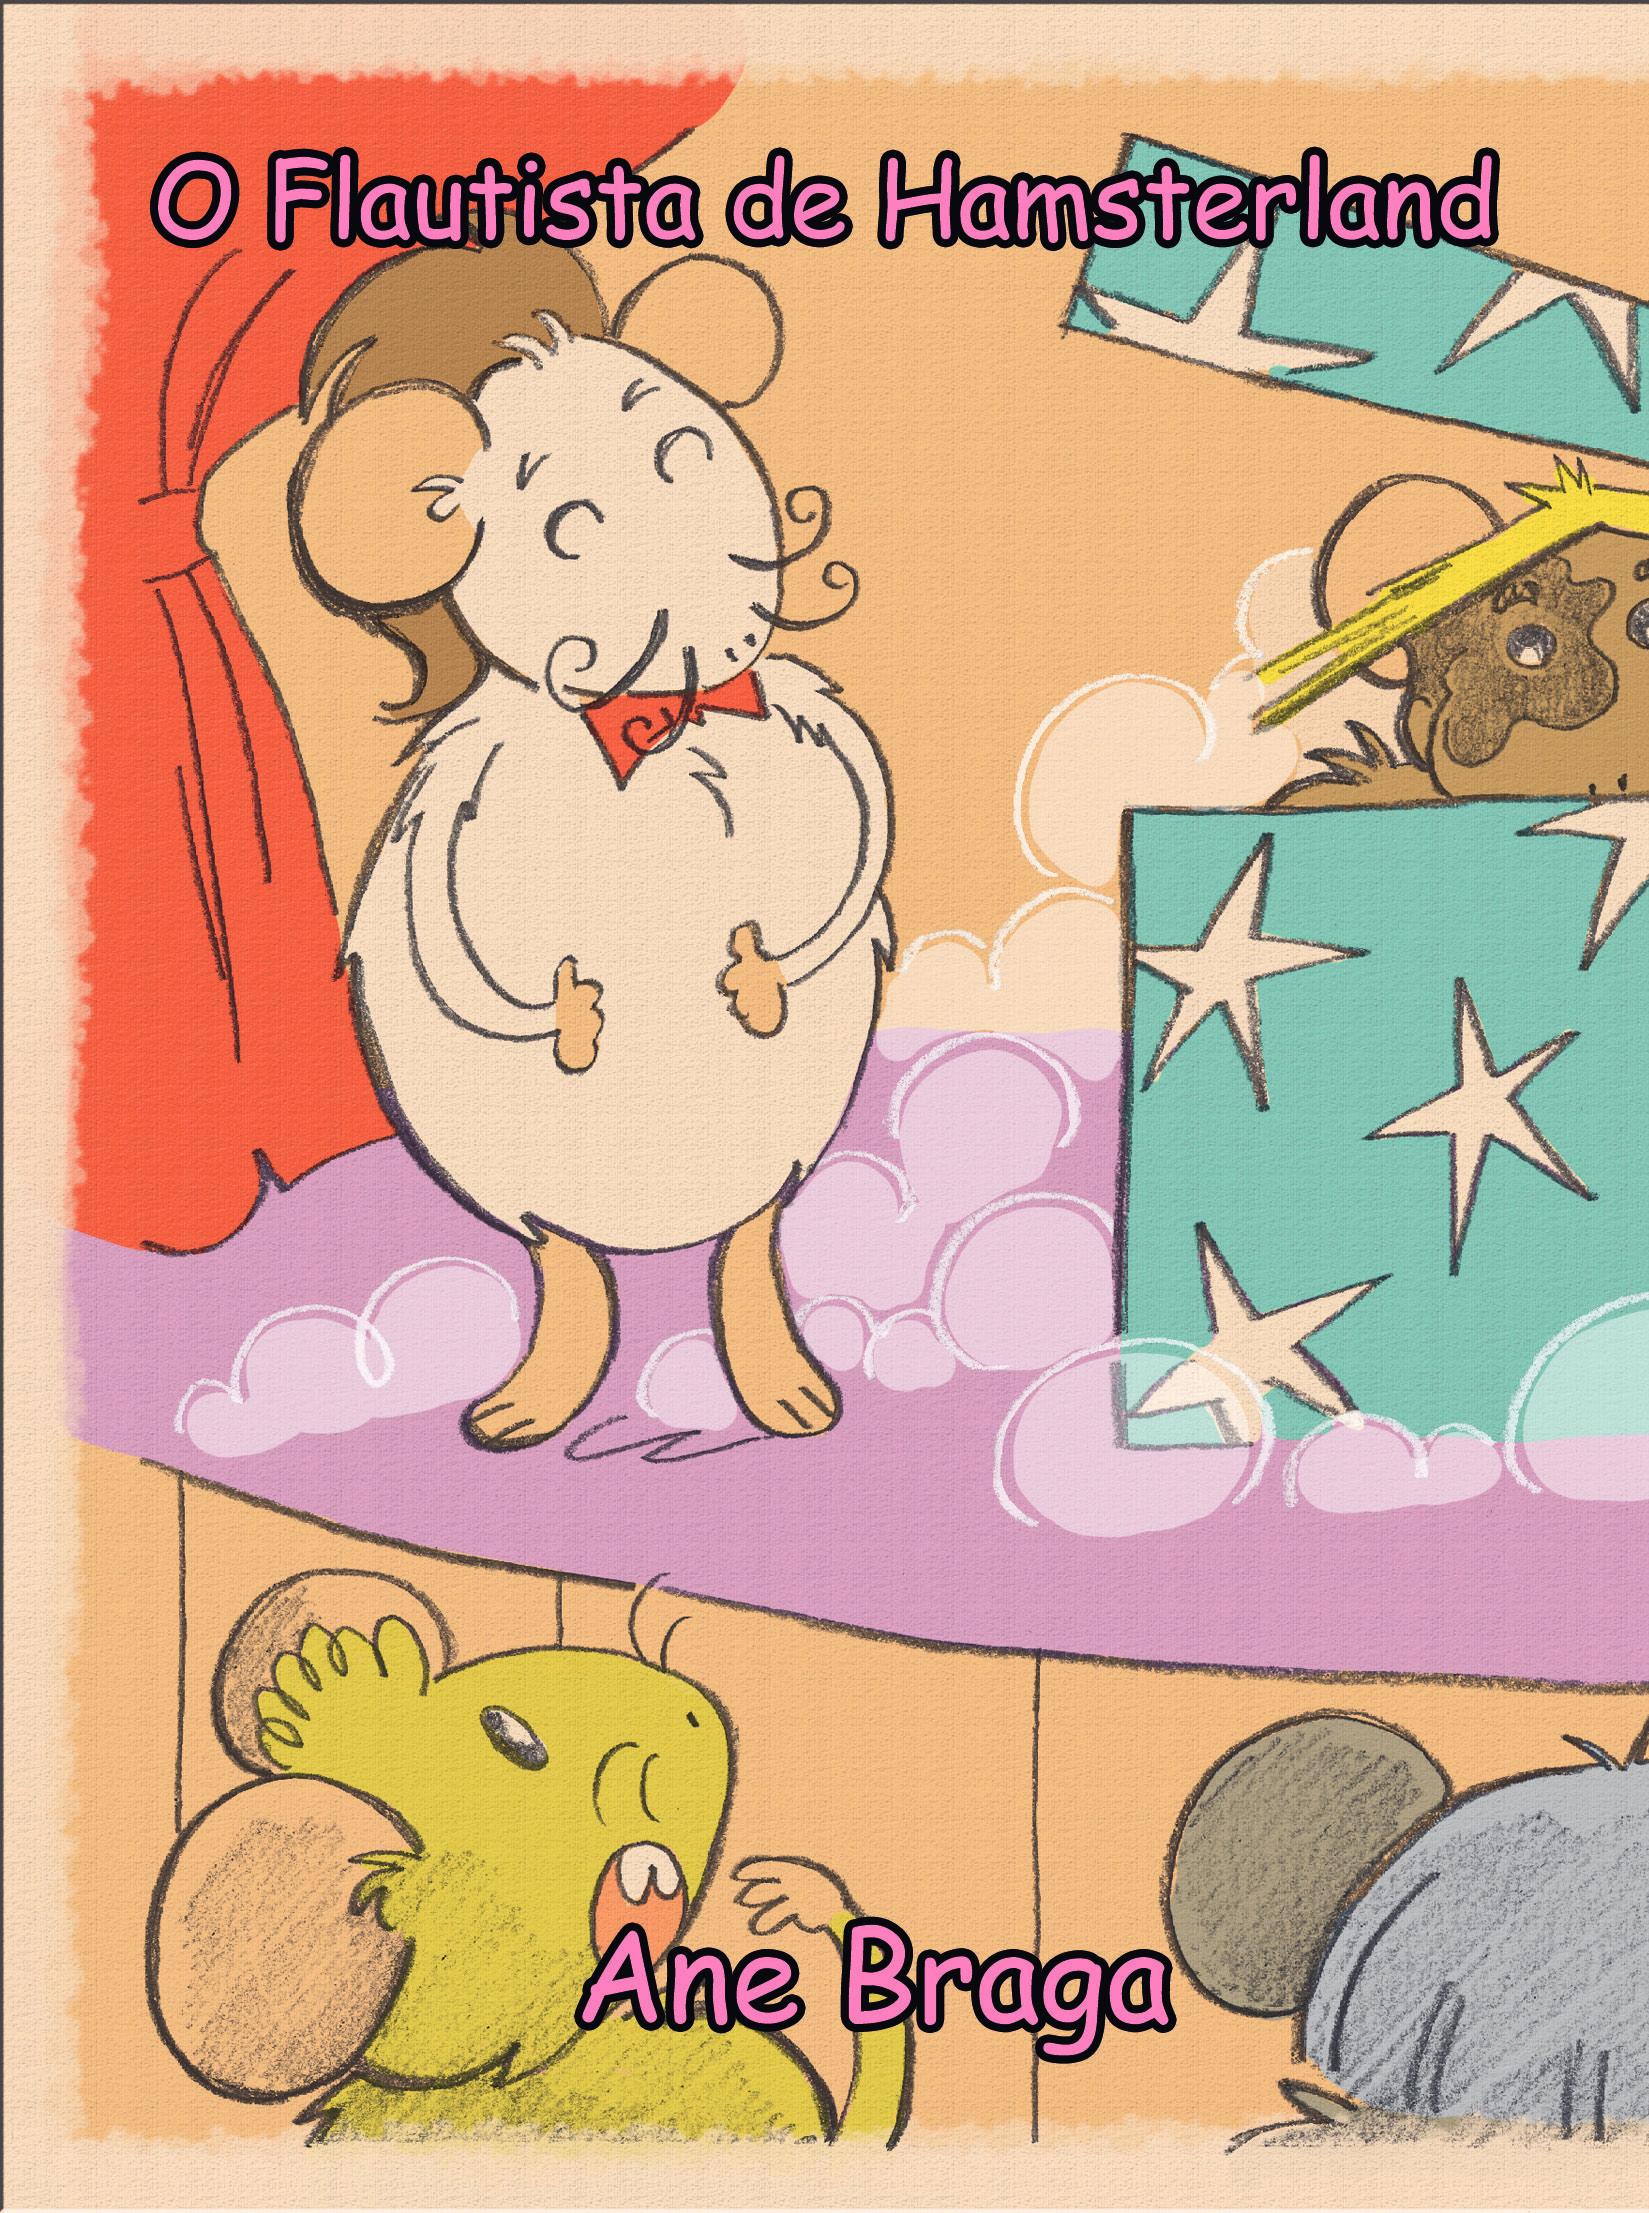 Ilustração feita por Verônica Silva de Souza Saiki para o livro O Flautista de Hamsterland (Ane Braga).